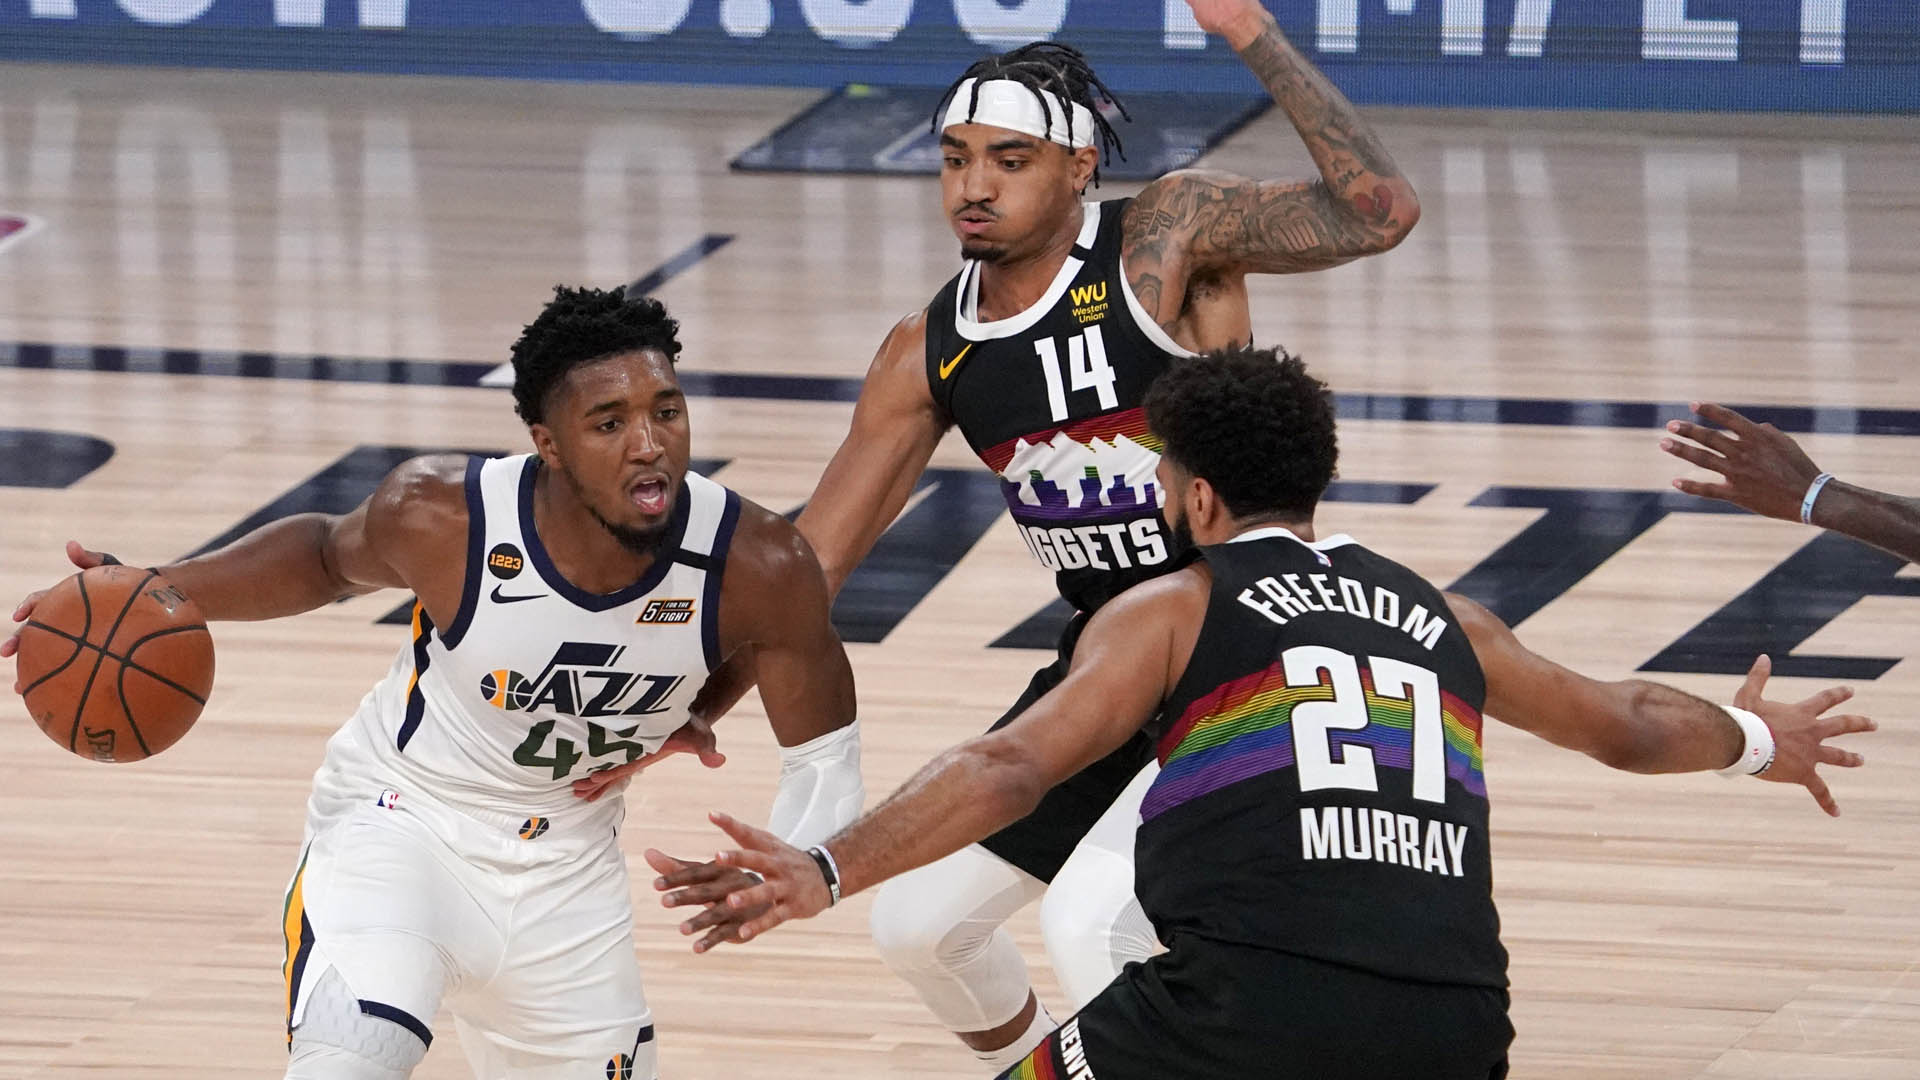 [해외스포츠] NBA 덴버, 플레이오프 2라운드로…요키치 30점 外